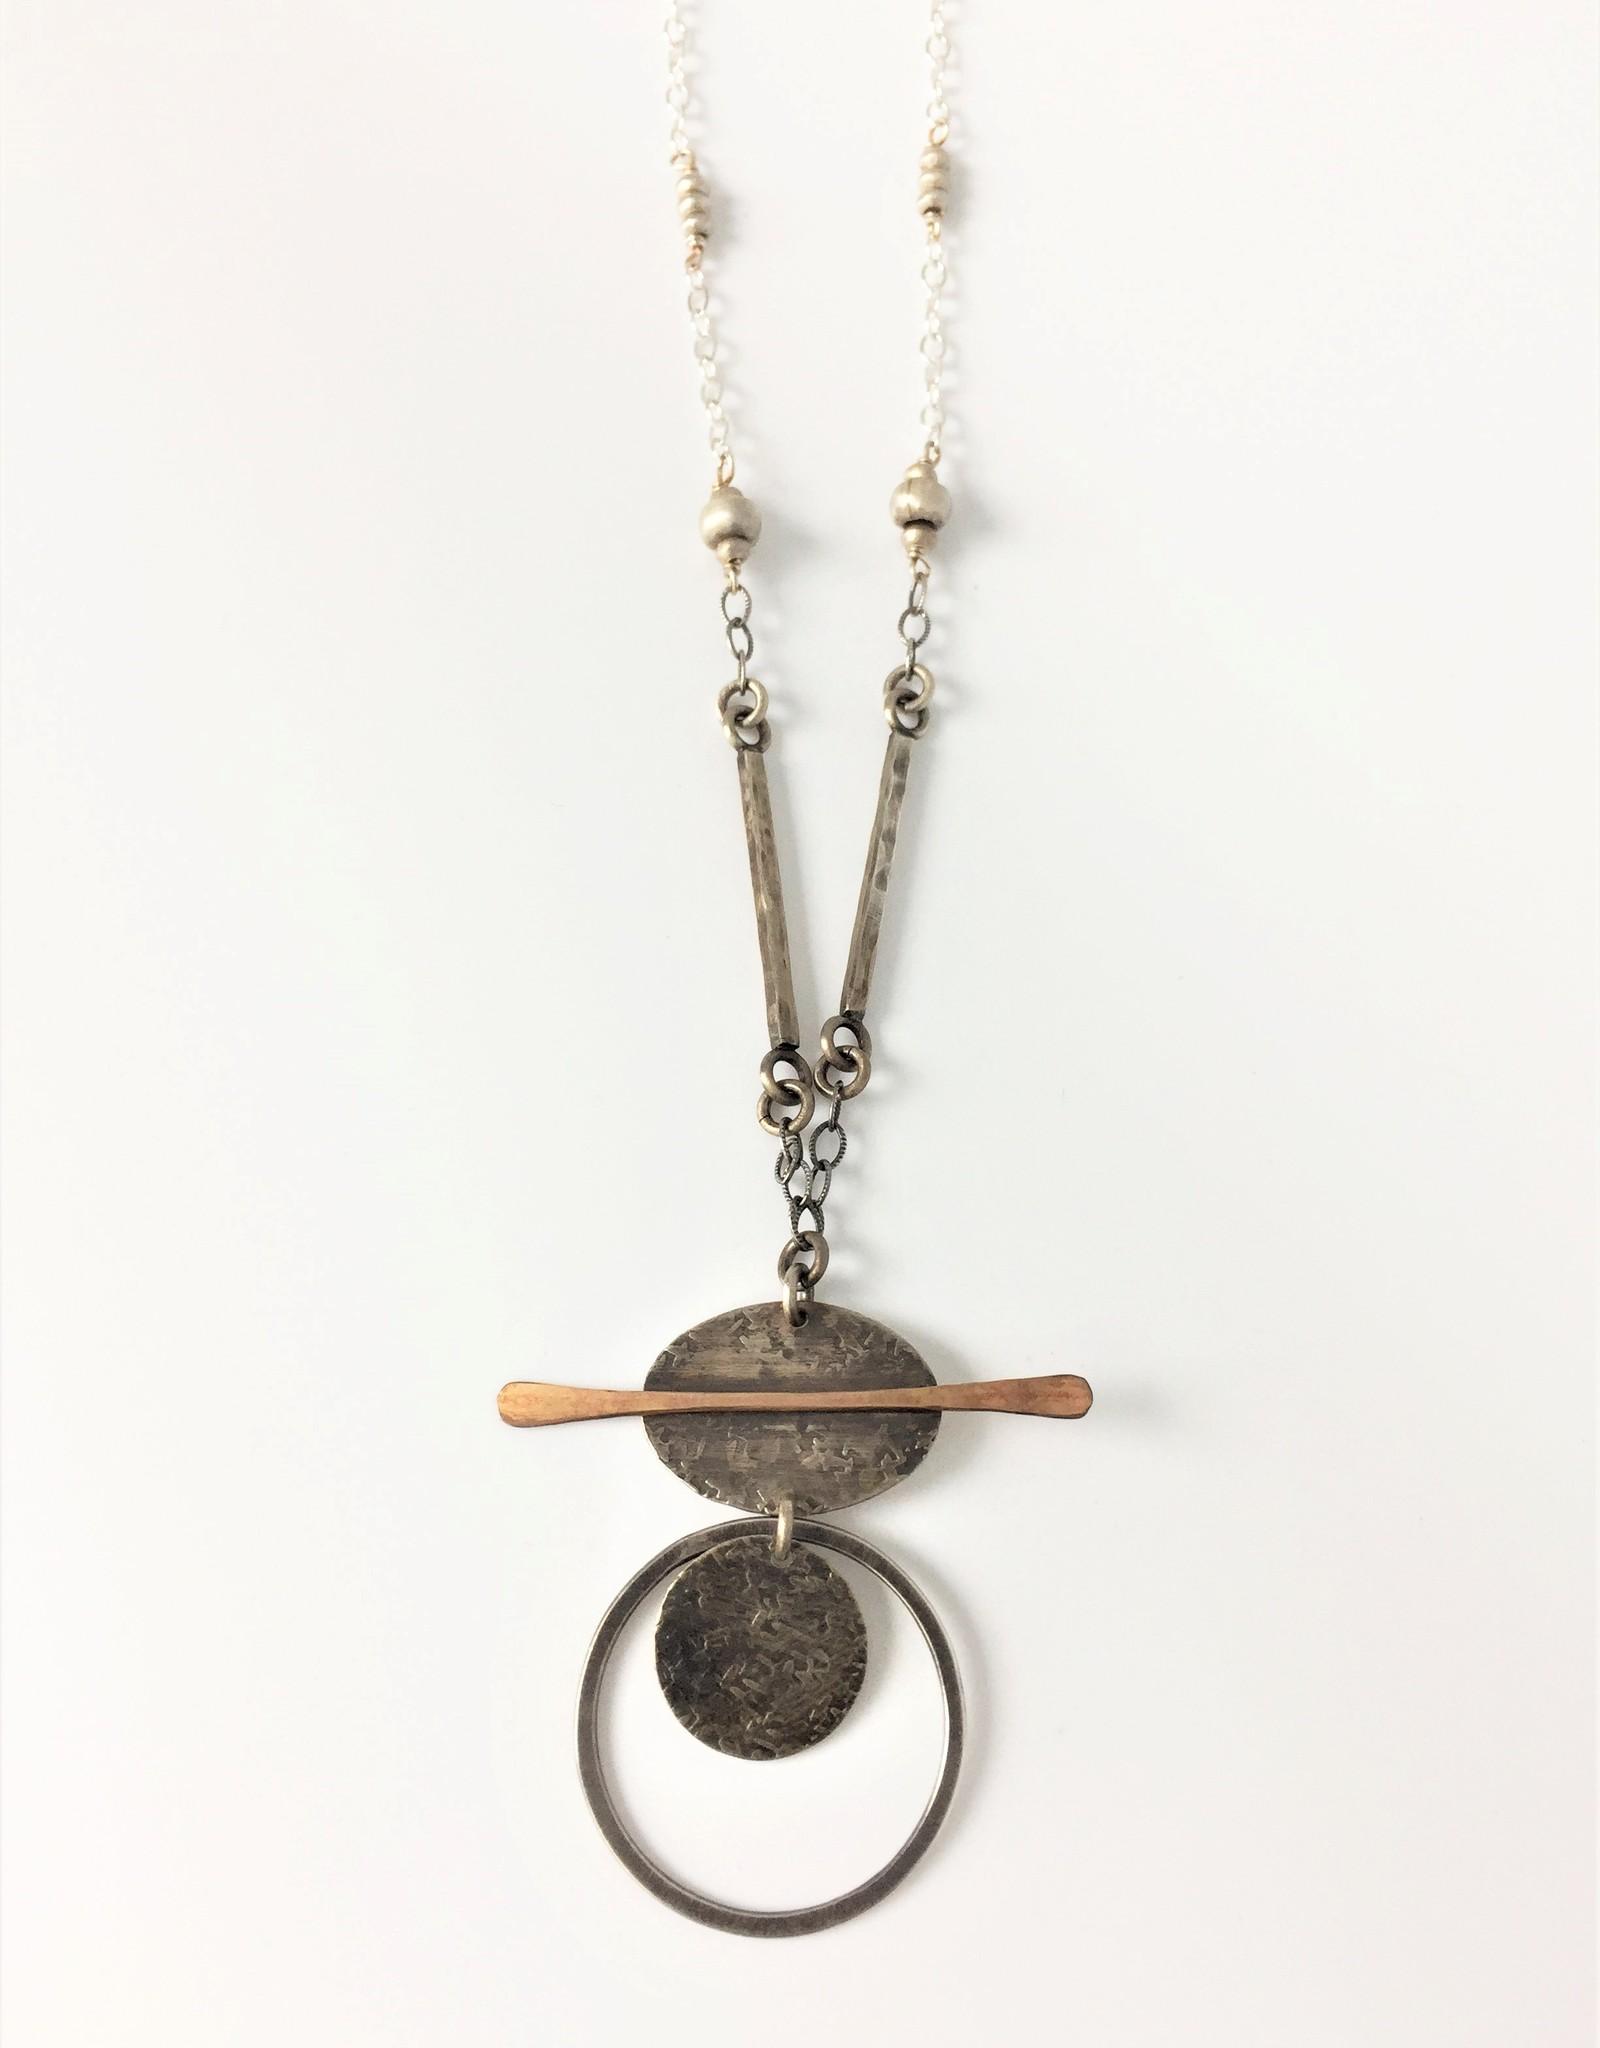 J&I Circle/Oval/Bar Mixed Metal Necklace